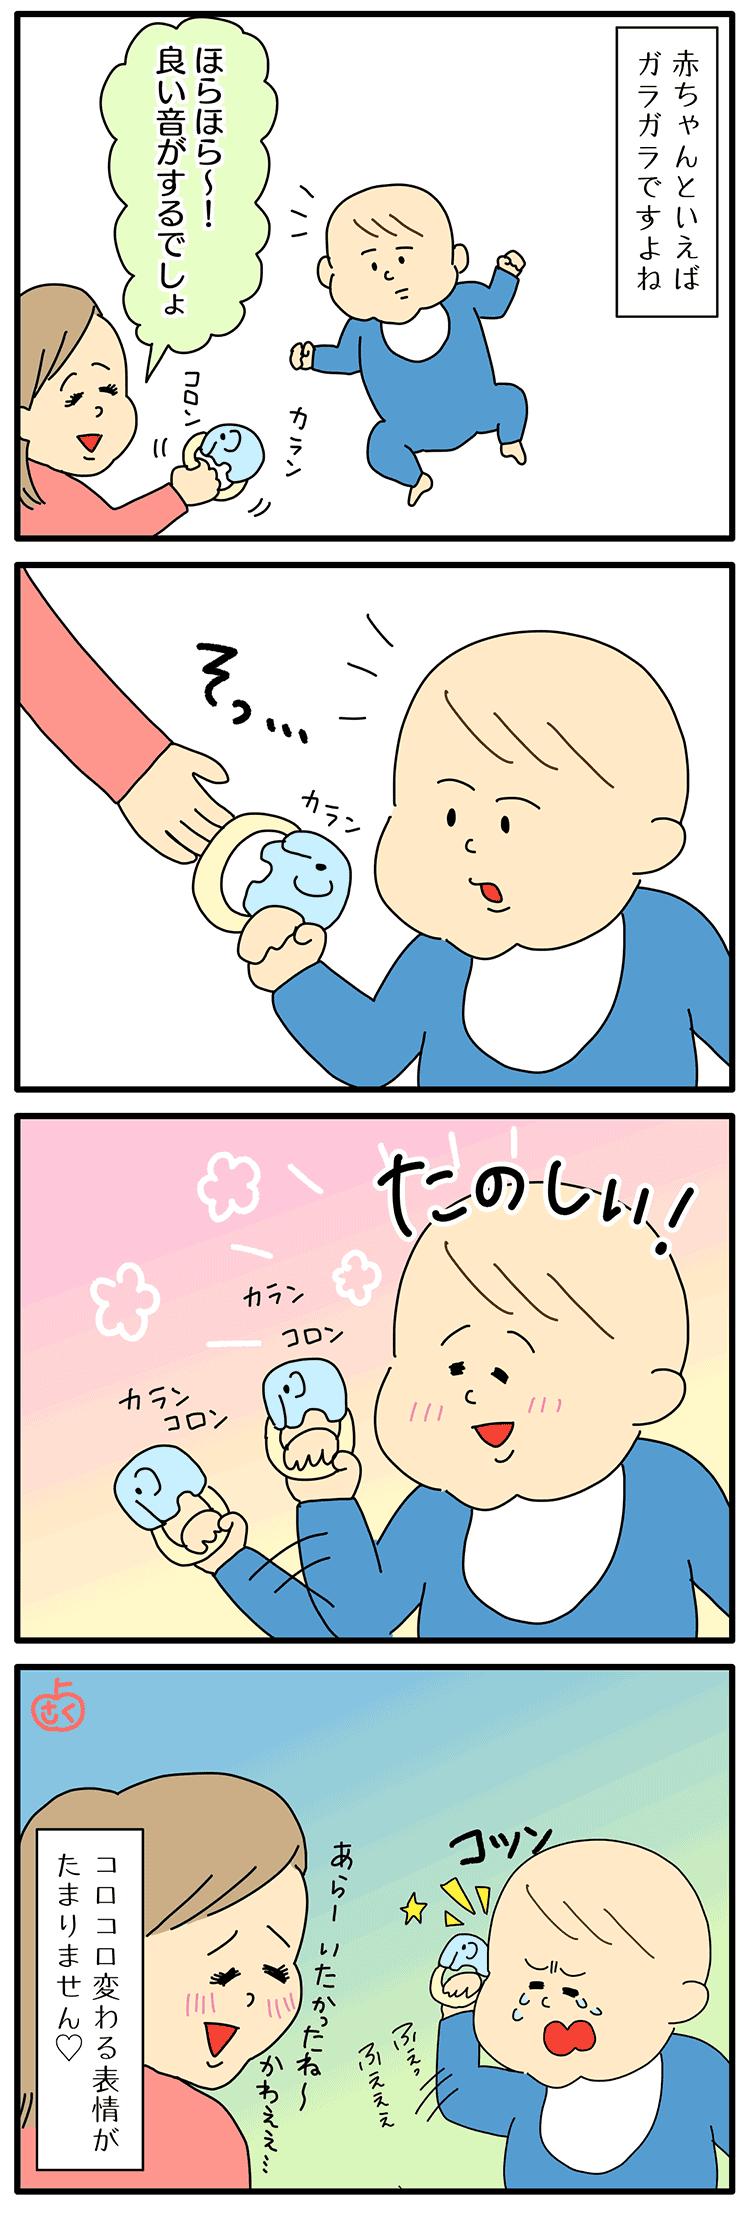 赤ちゃんのガラガラについての子育て4コマ漫画